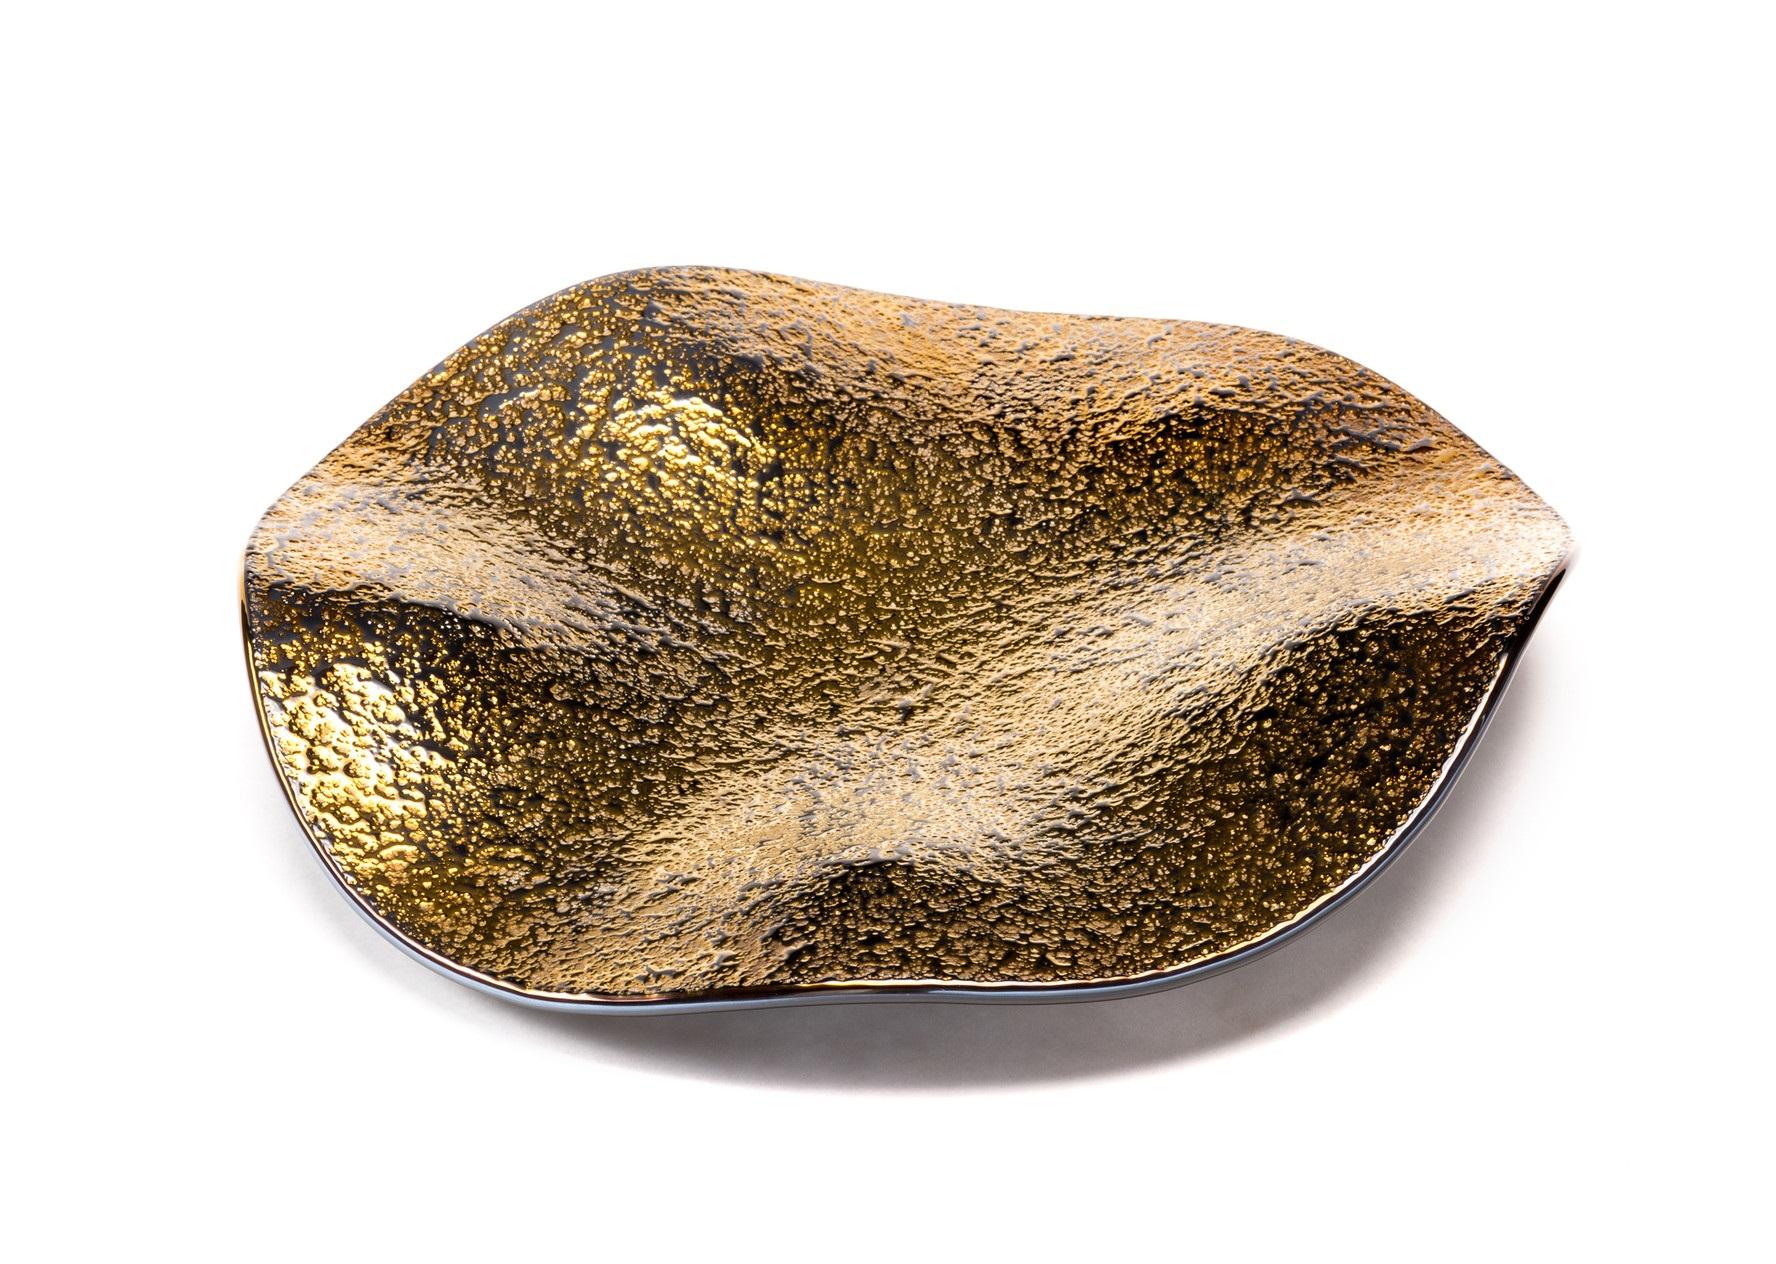 Ваза StingrayДекоративные блюда<br>Тот кто один раз видел Stingray Golden Galaxy, постигнет любовь с первого взгляда. Ваза завораживает, от нее невозможно отвести глаз. Stingray становится настоящим центром интерьера, но при этом она может отлично вписаться в уже установленные интерьерные рамки пространства. Stingray Golden Galaxy - это и эффектная ваза, и завораживающий поднос, а также великолепная тарелка для сервировки обеденного стола.<br><br>Material: Стекло<br>Высота см: 10